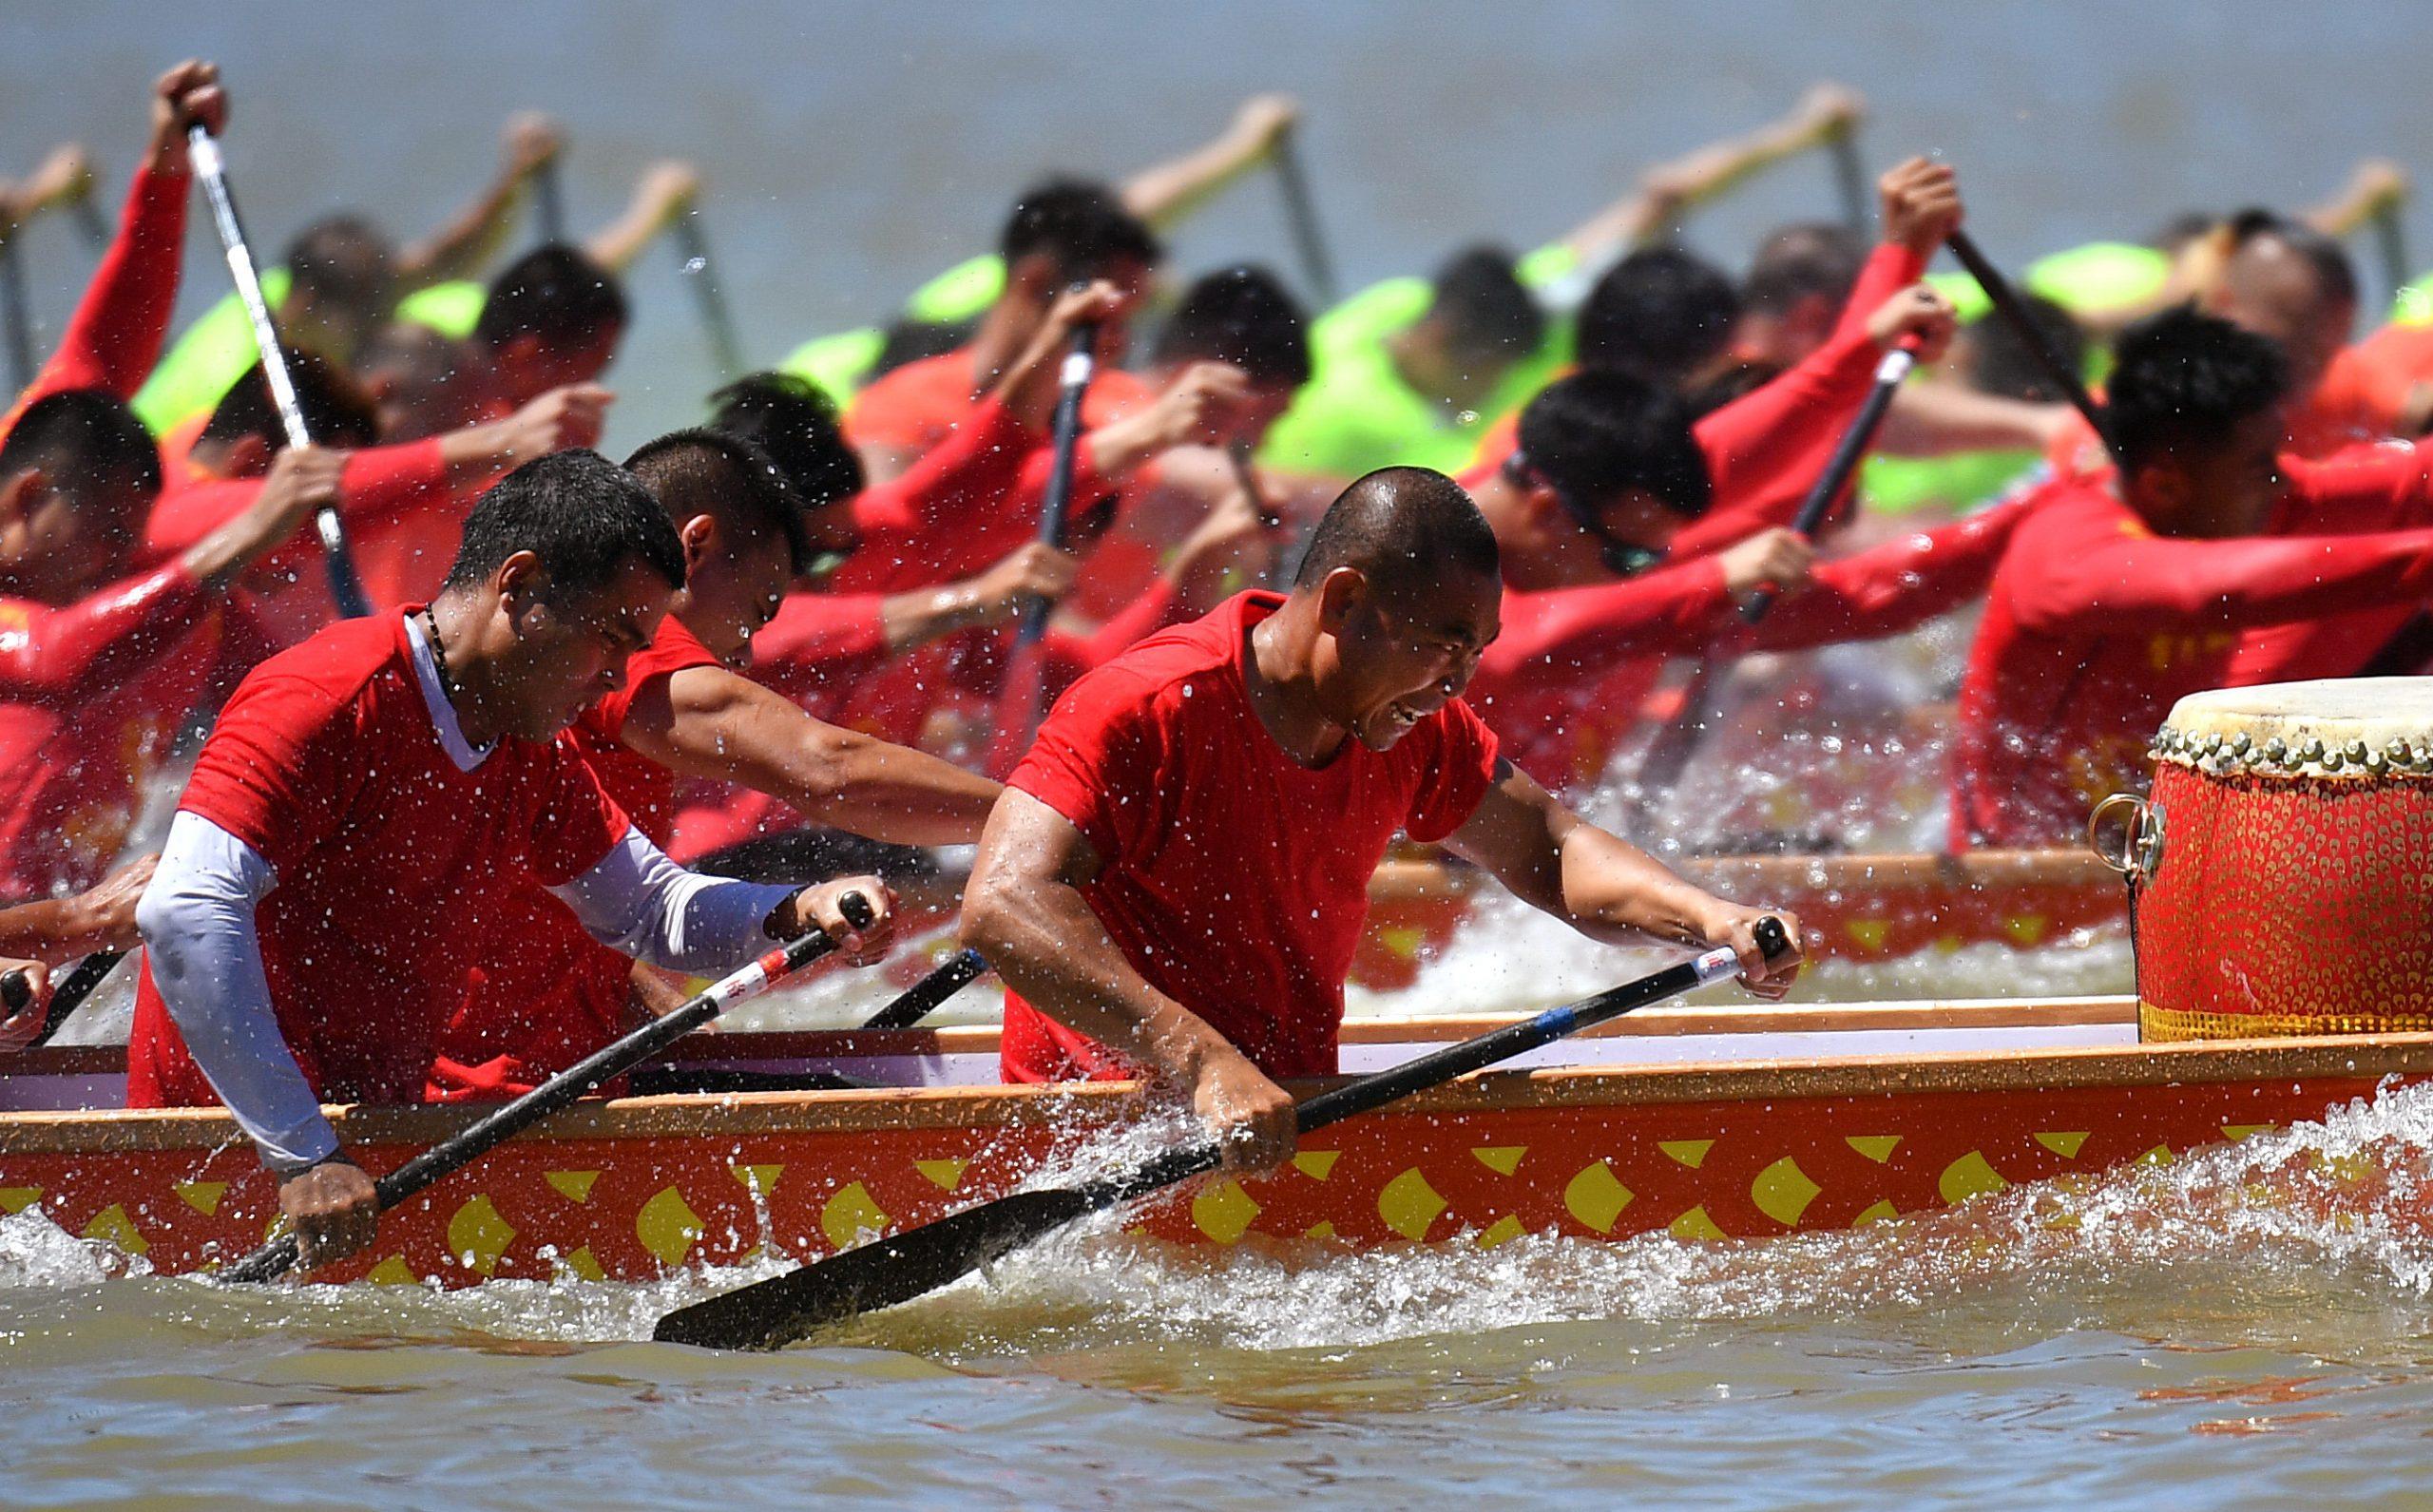 Suspenden carreras de botes de dragón en Guizhou en medio de pandemia